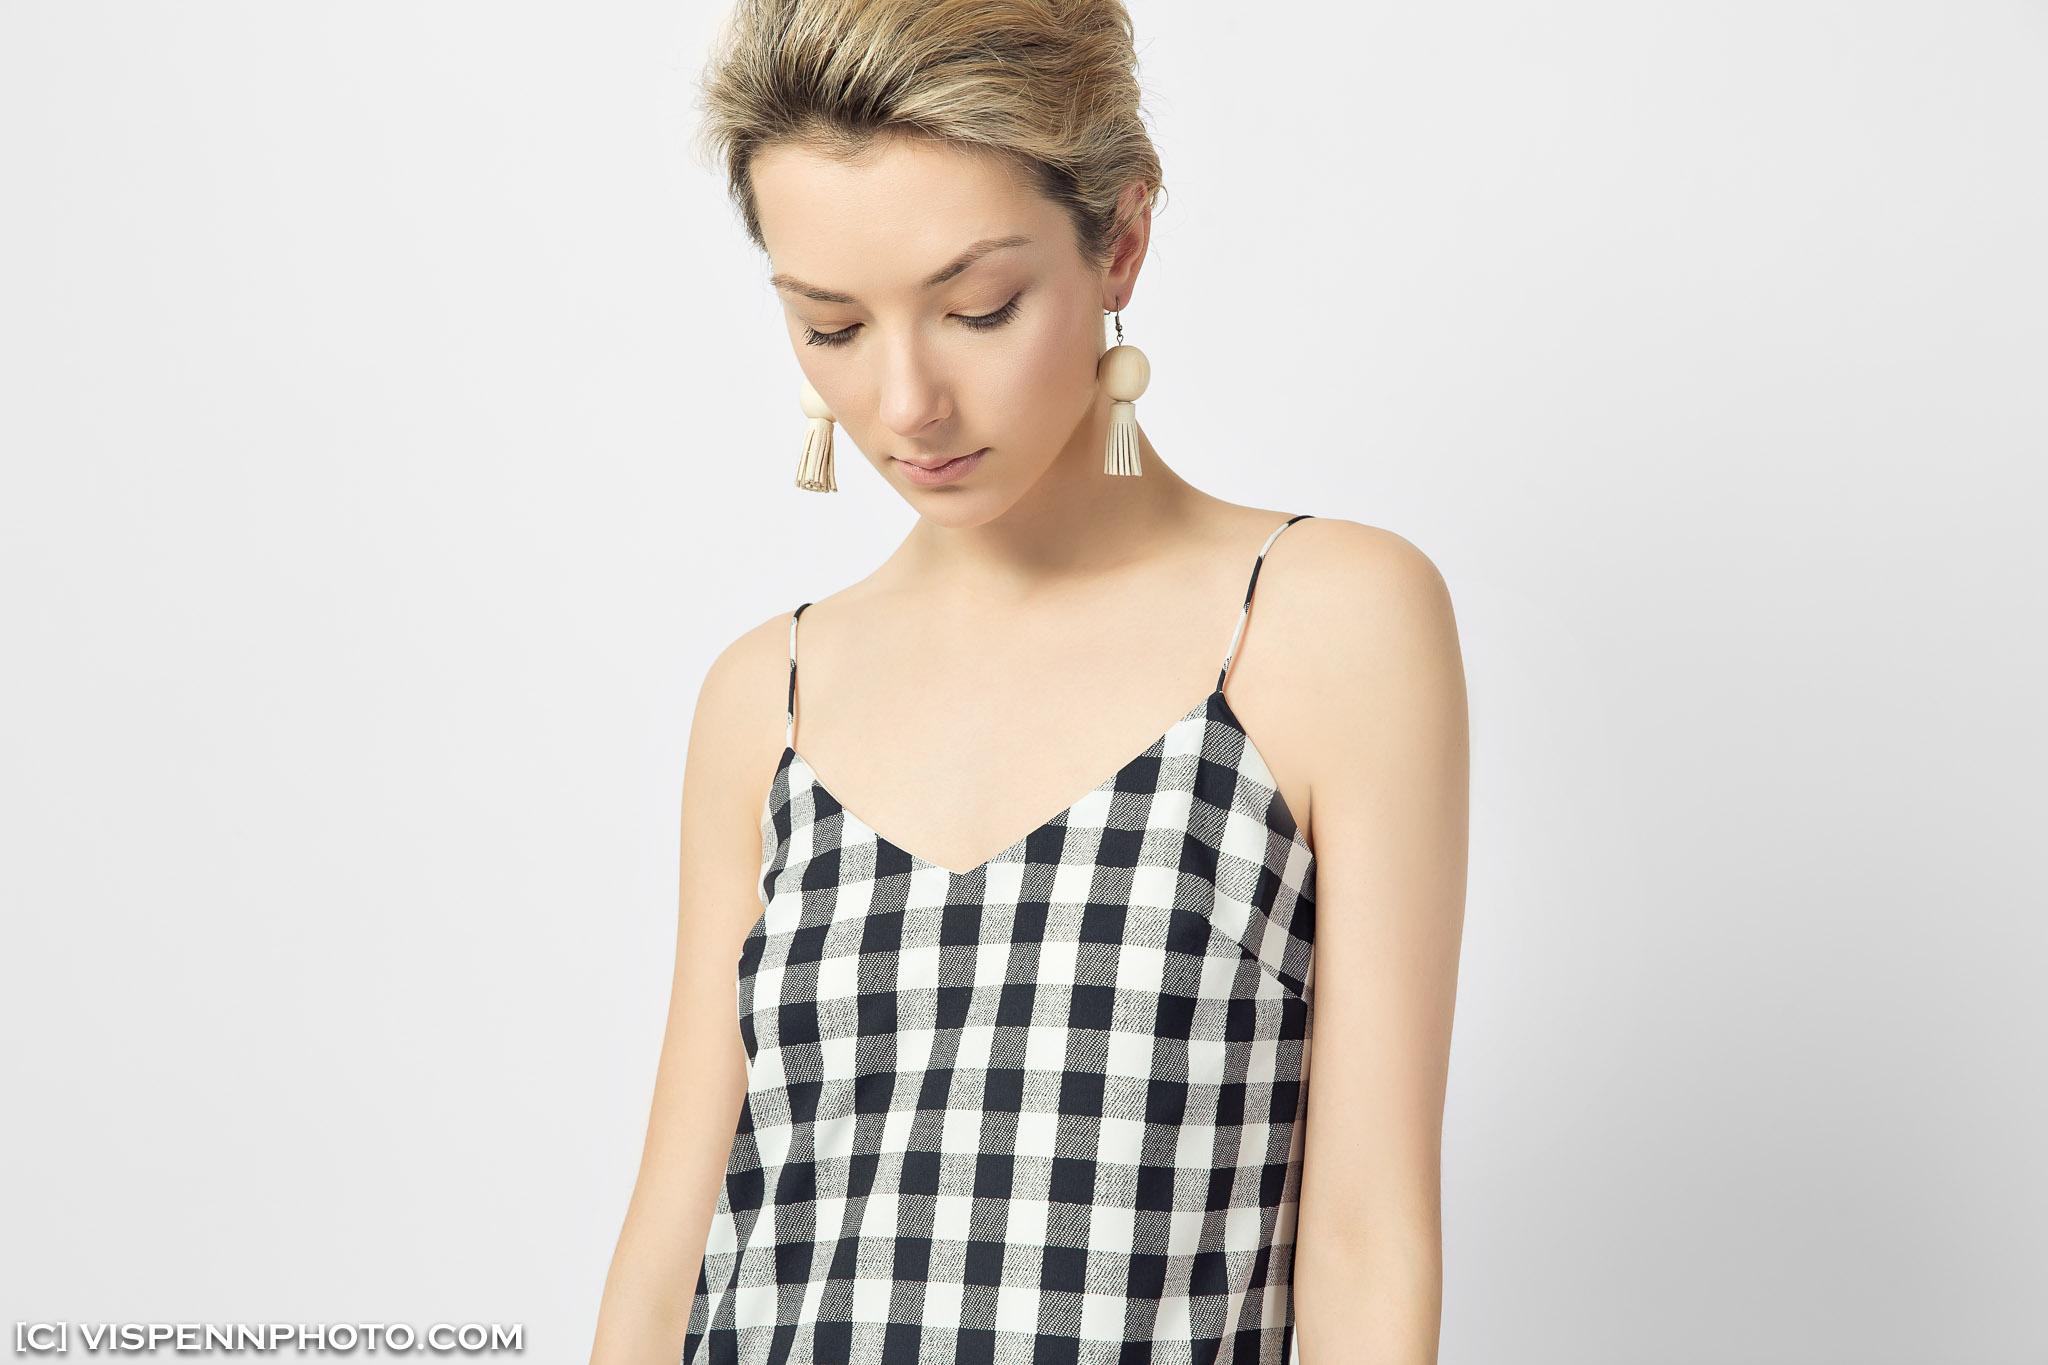 Melbourne Fashion Portrait Commercial Photography VISPENN 墨尔本 服装 商业 人像 摄影 5D1 8821